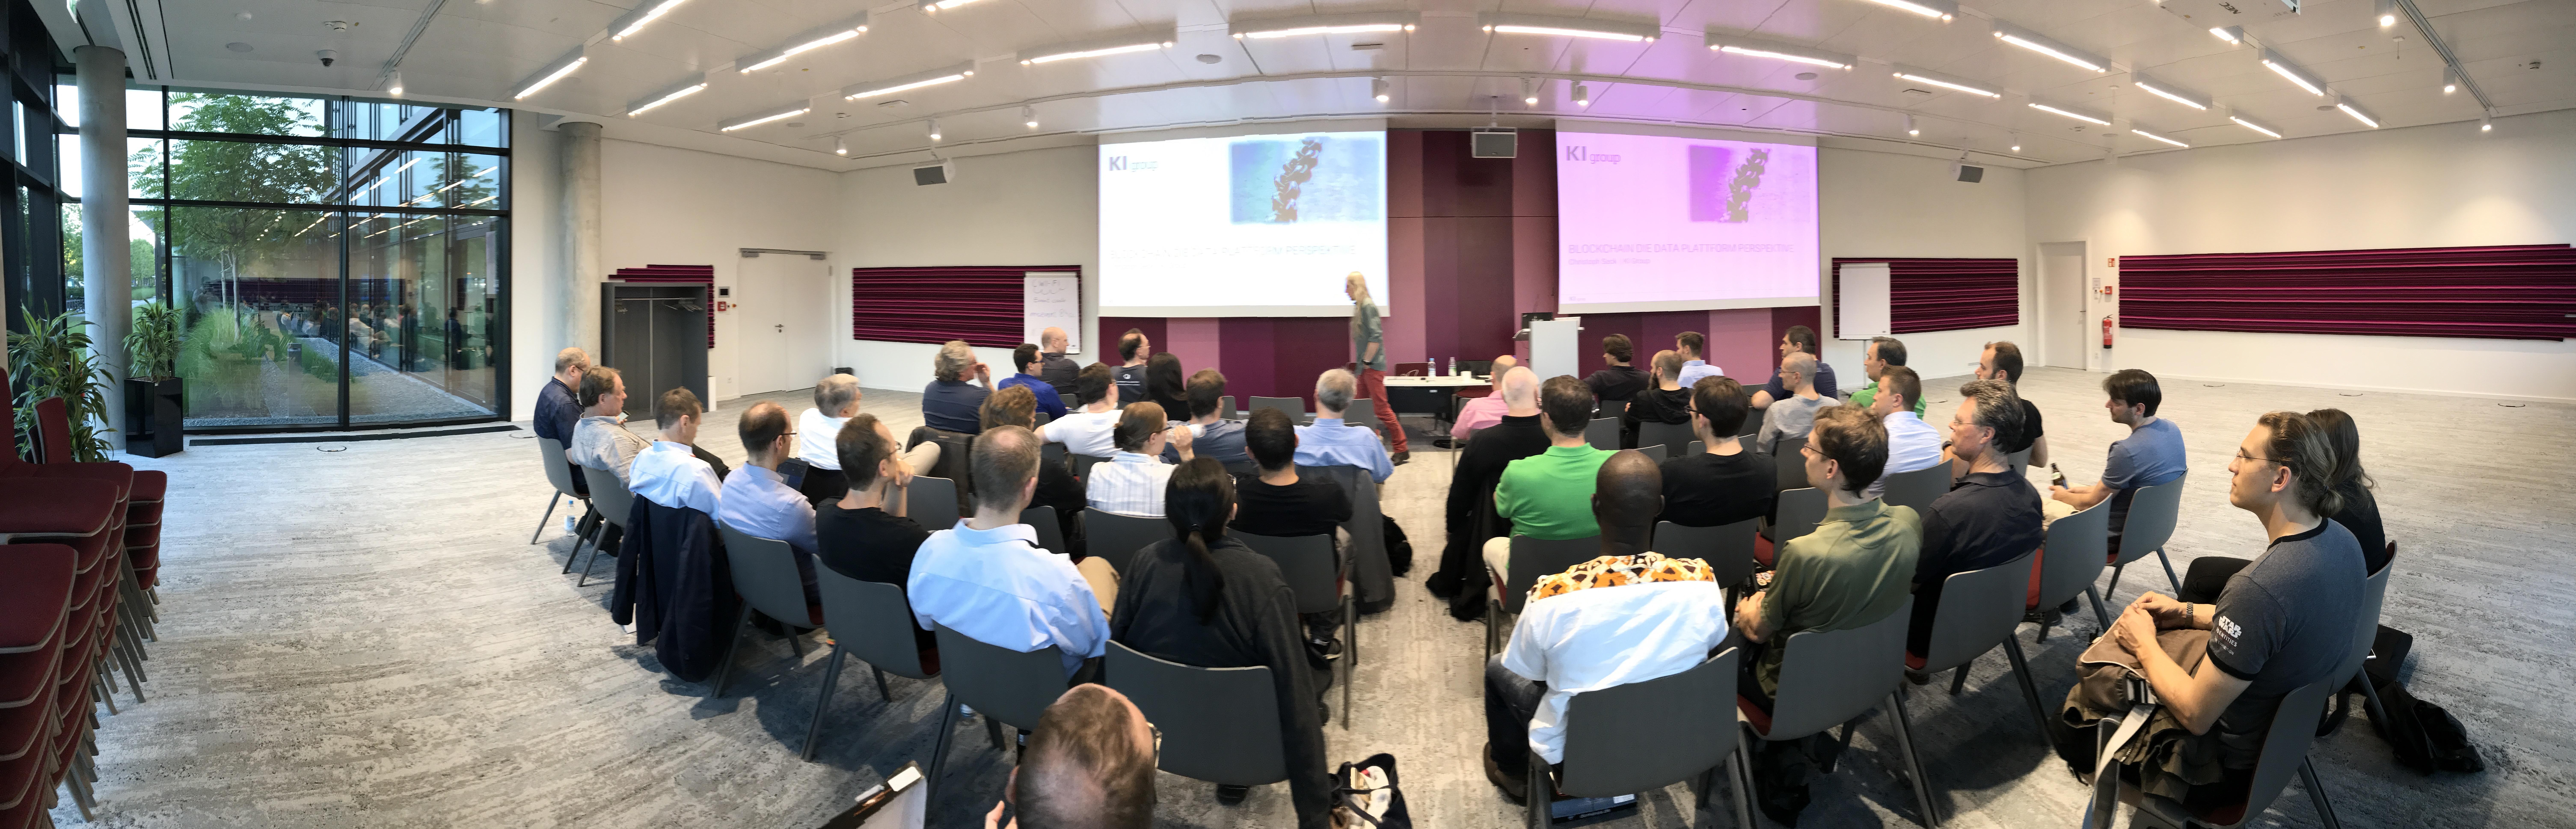 PASS Usergroup Bayern - Microsoft Data Platform Community